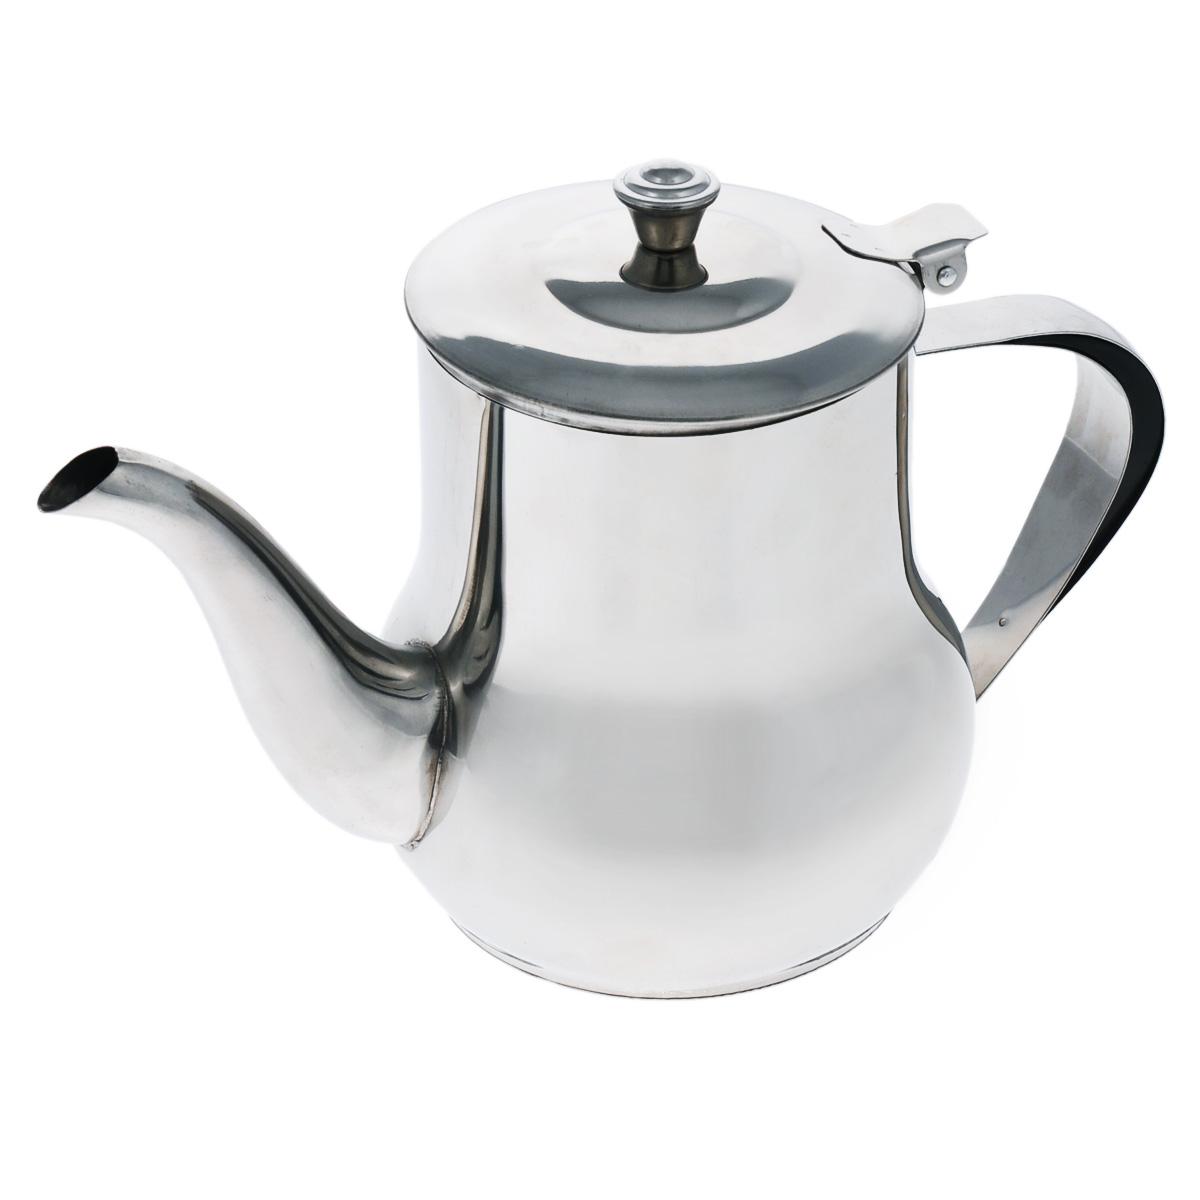 Чайник заварочный Mayer & Boch, с фильтром, 1 л. 403403Заварочный чайник Mayer & Boch изготовлен из высококачественной нержавеющей стали с зеркальной полировкой и оснащен фильтром. Чайник используется только для приготовления чая. Простой и удобный прибор поможет вам приготовить крепкий, ароматный чай. Рекомендации по использованию: - не используйте посуду в случае появления трещин или сколов; - не используйте в СВЧ; - можно мыть в посудомоечной машине. Диаметр по верхнему краю: 9 см. Высота (без учета крышки): 12 см.